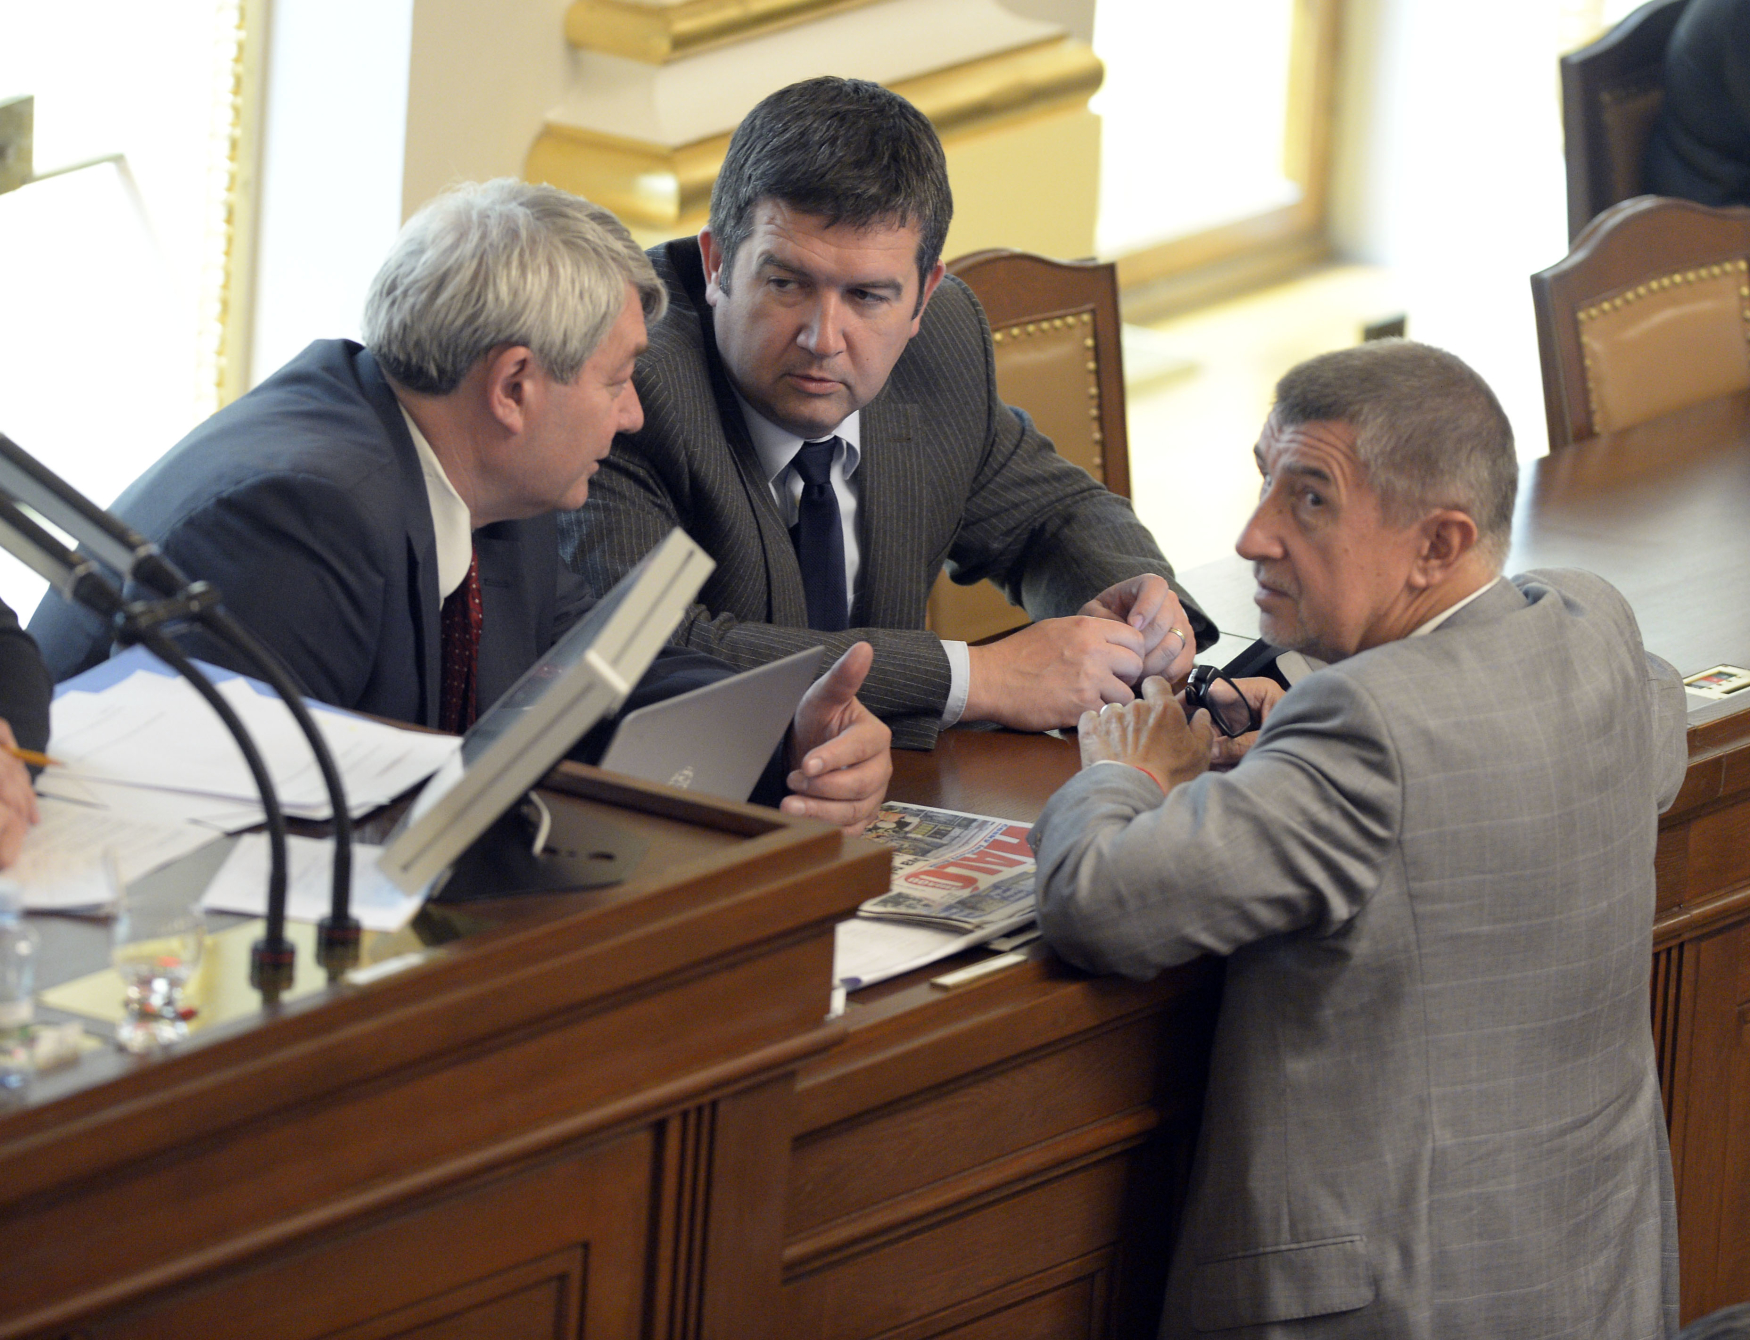 Zasedání Poslanecké sněmovny, zleva předseda KSČM Vojtěch Filip, předseda ČSSD Jan Hamáček a předseda ANO Andrej Babiš